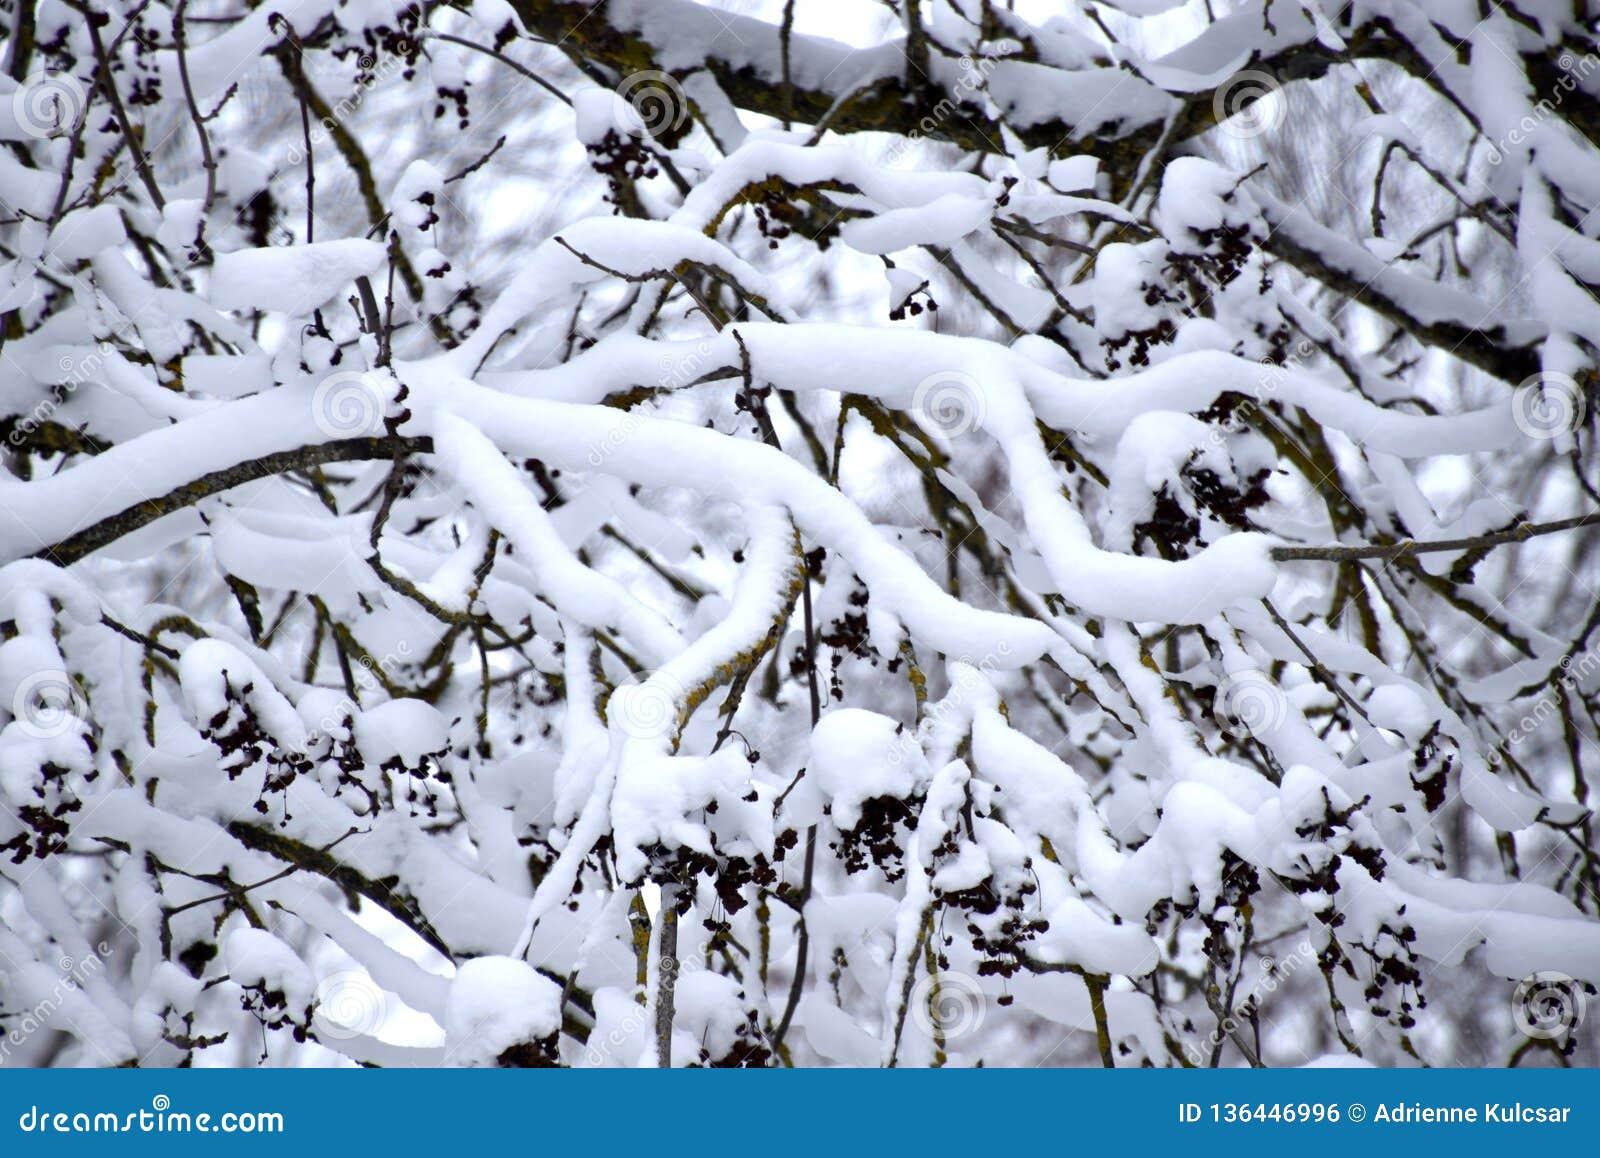 Brach a couvert de neige, paysage blanc d hiver